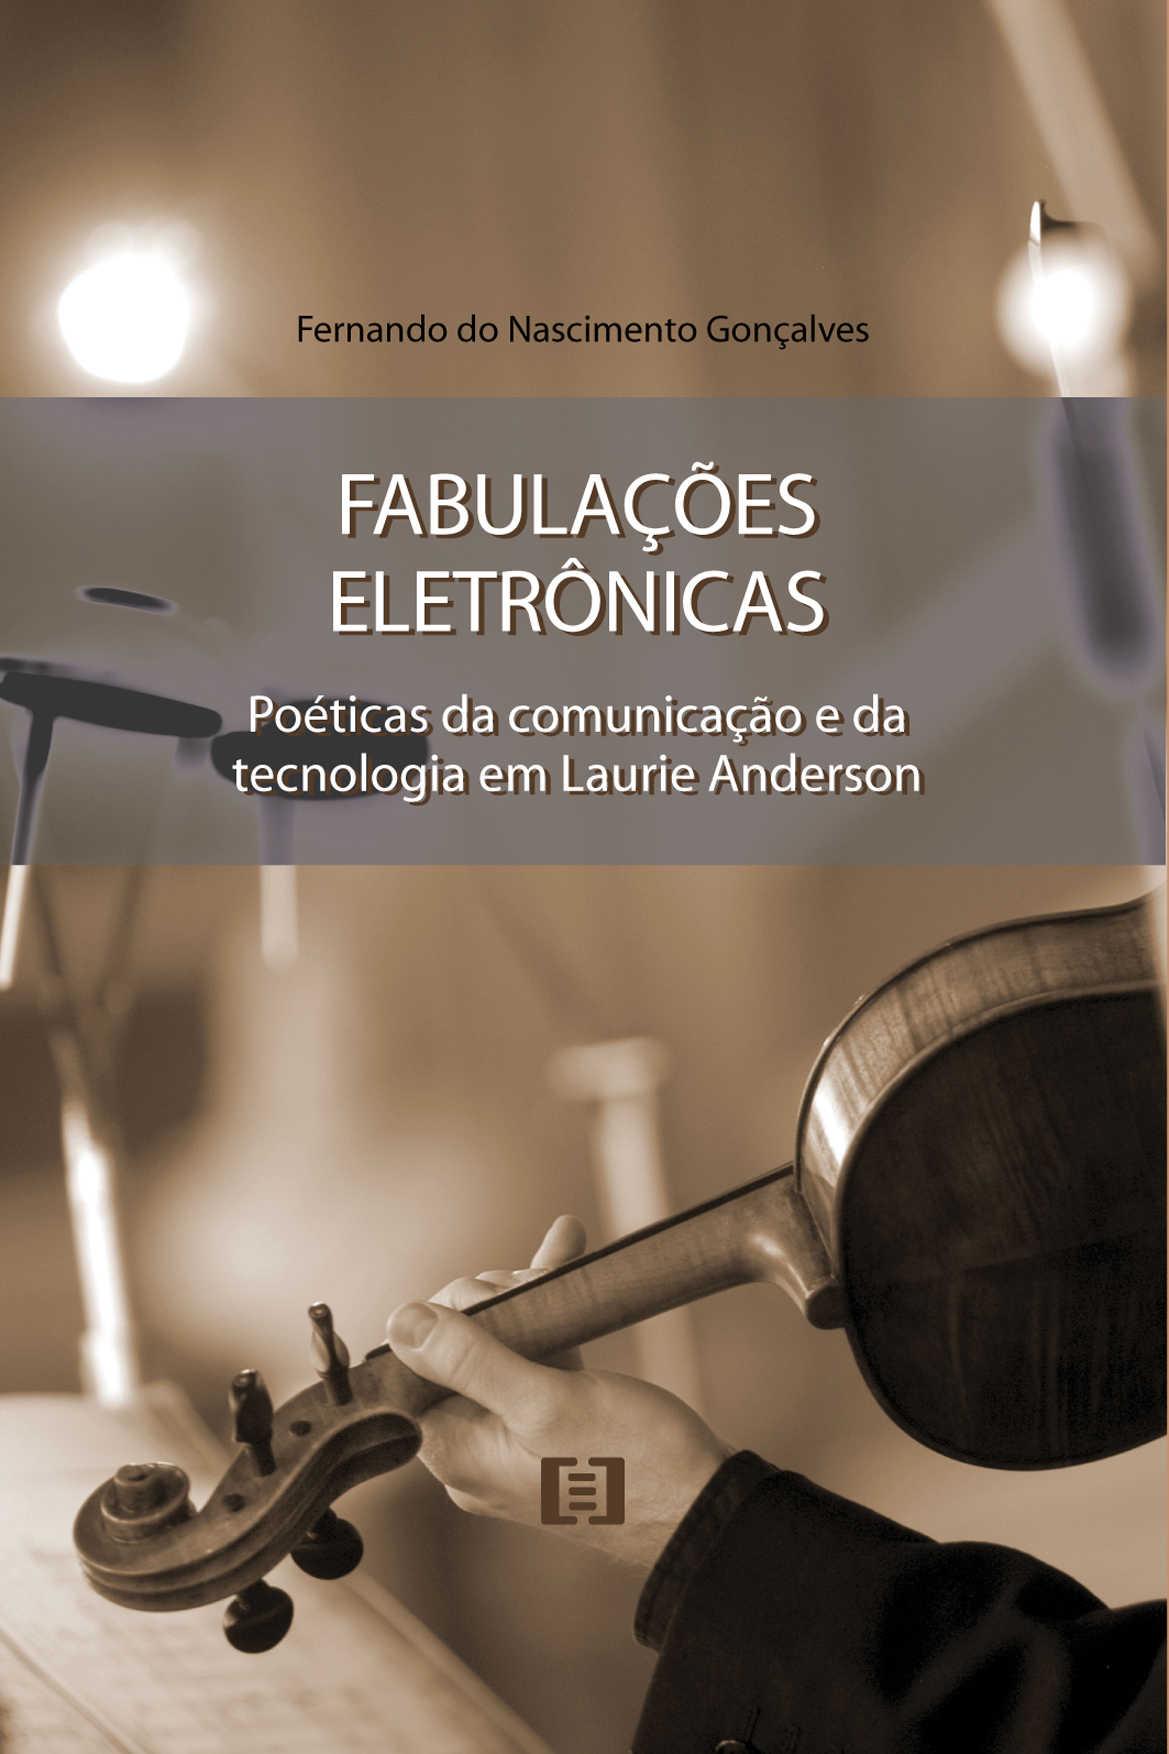 Fabulações eletrônicas: Poéticas da comunicação e da tecnologia em Laurie Anderson